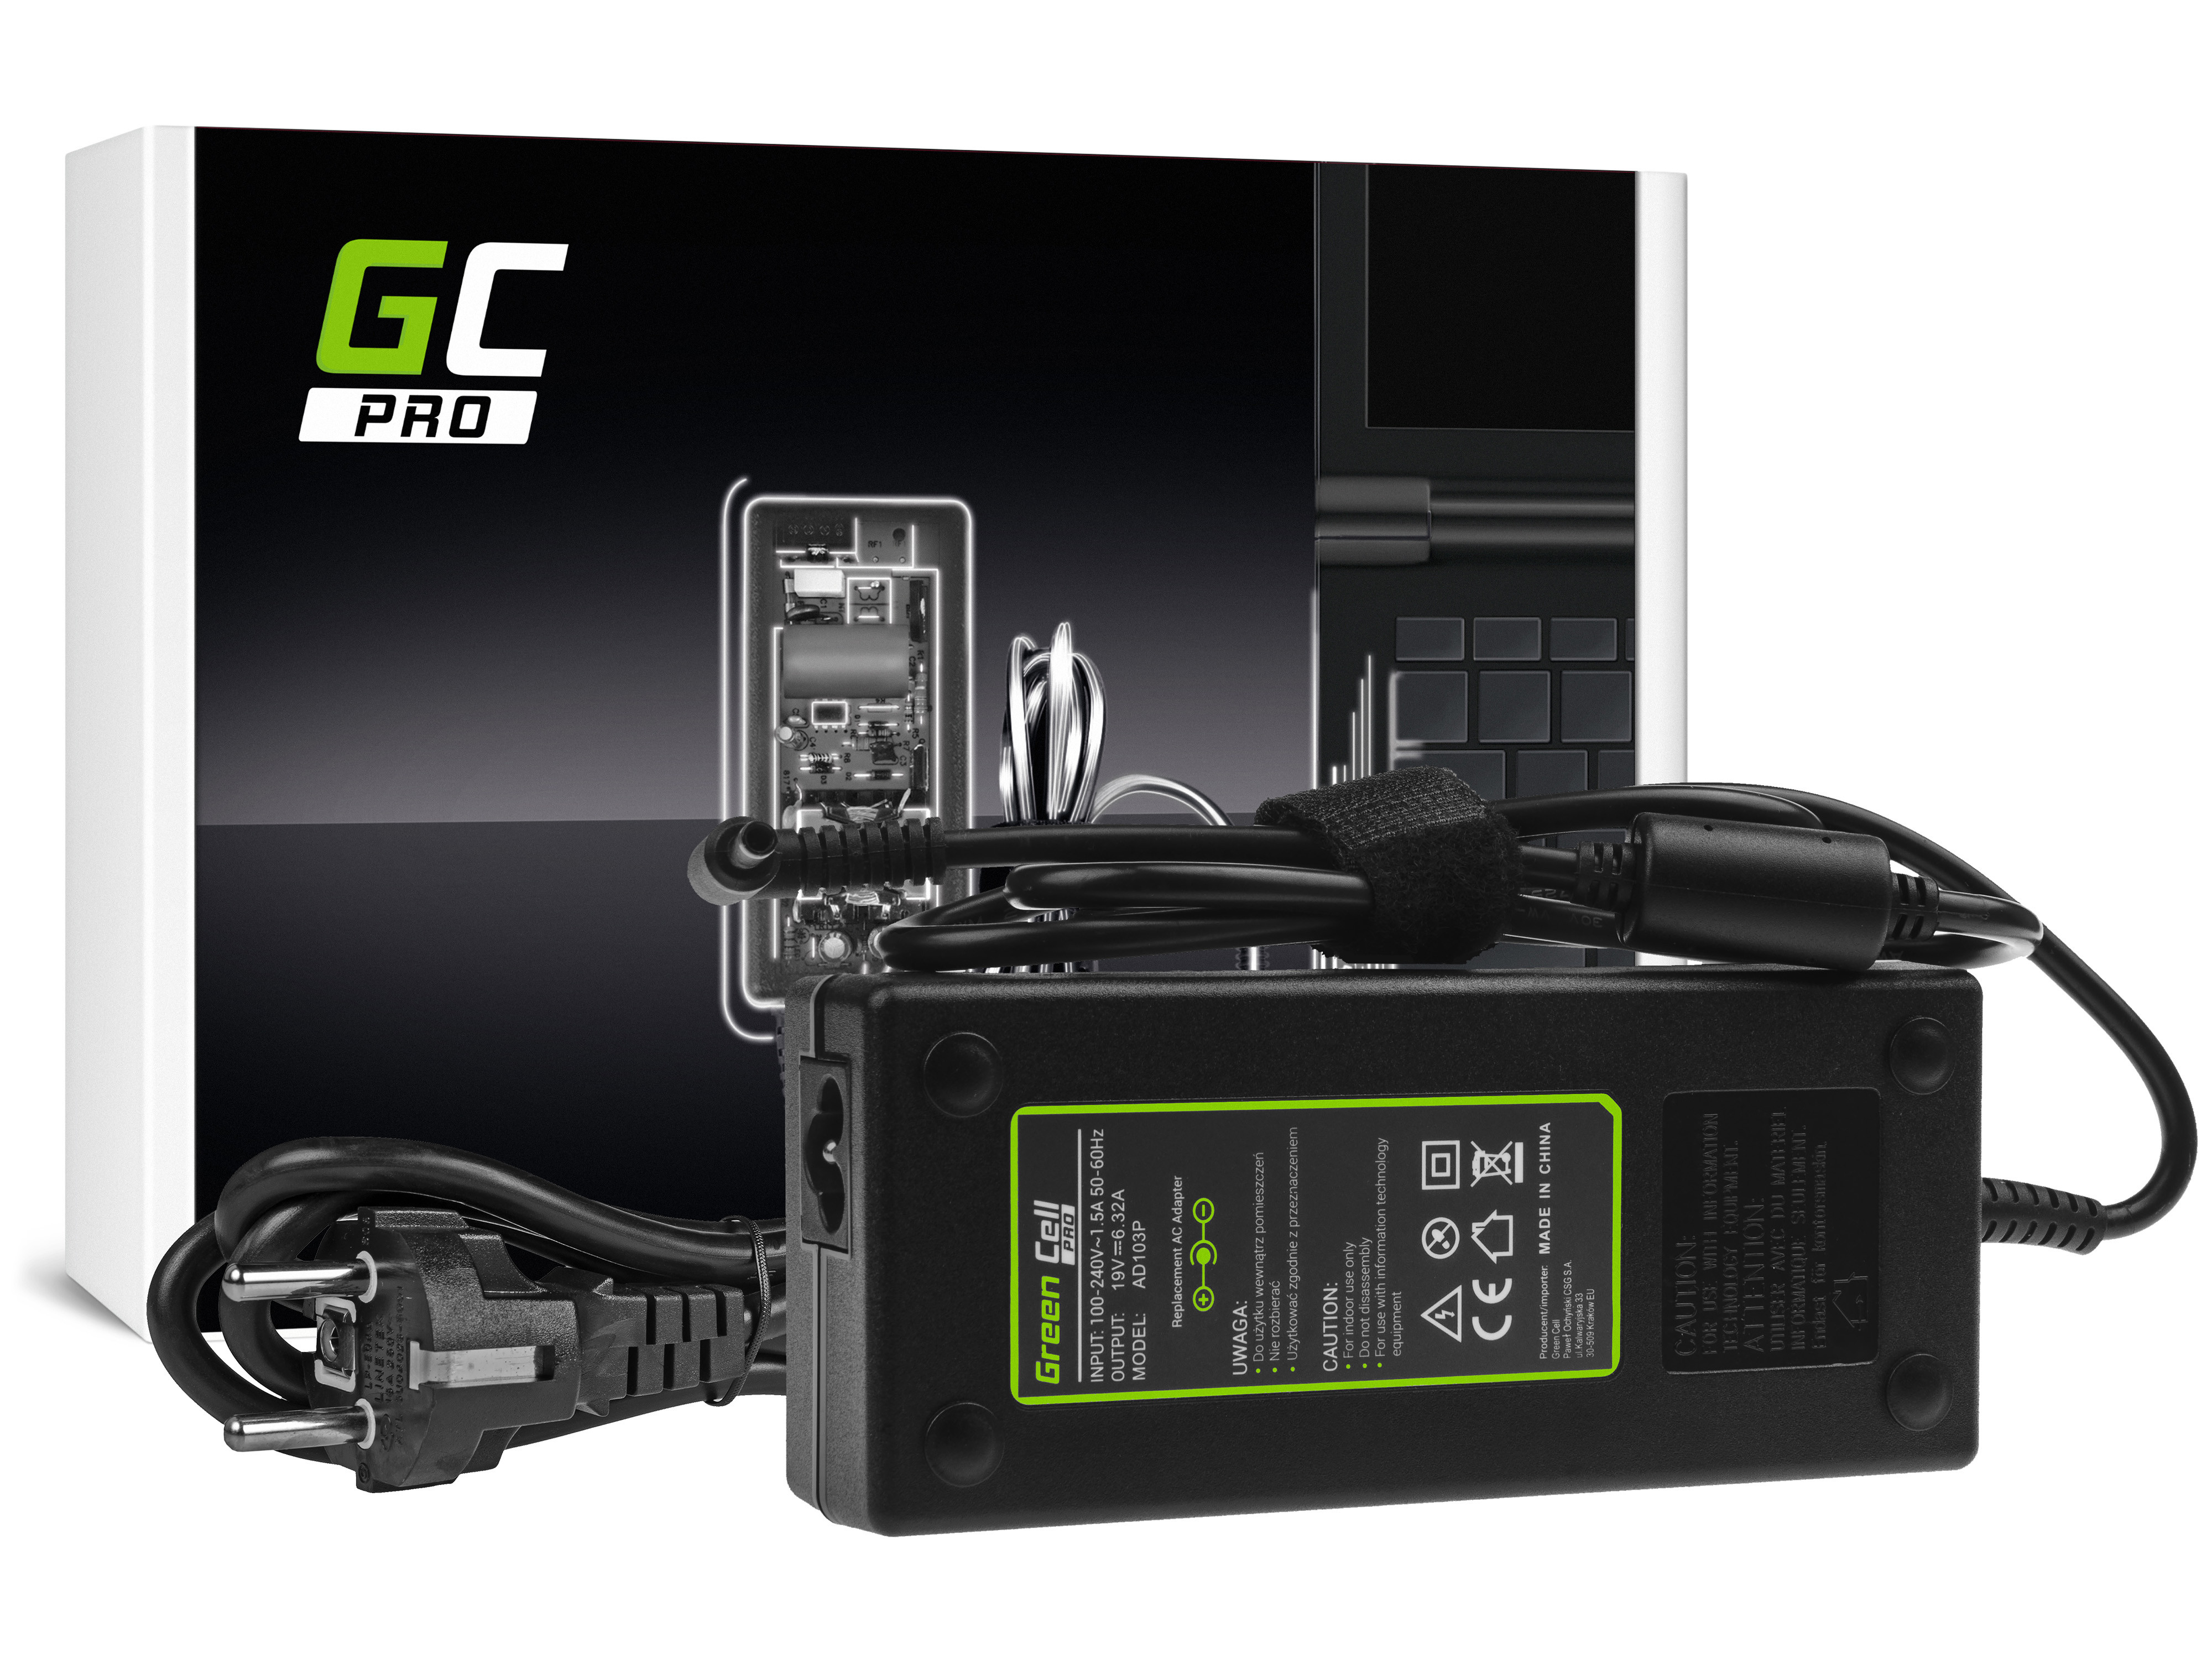 Green Cell AD103P Adaptér Nabíječka Asus N501J N501JW Zenbook Pro UX501 UX501J UX501JW UX501V UX501VW 19V 6.32A 120W